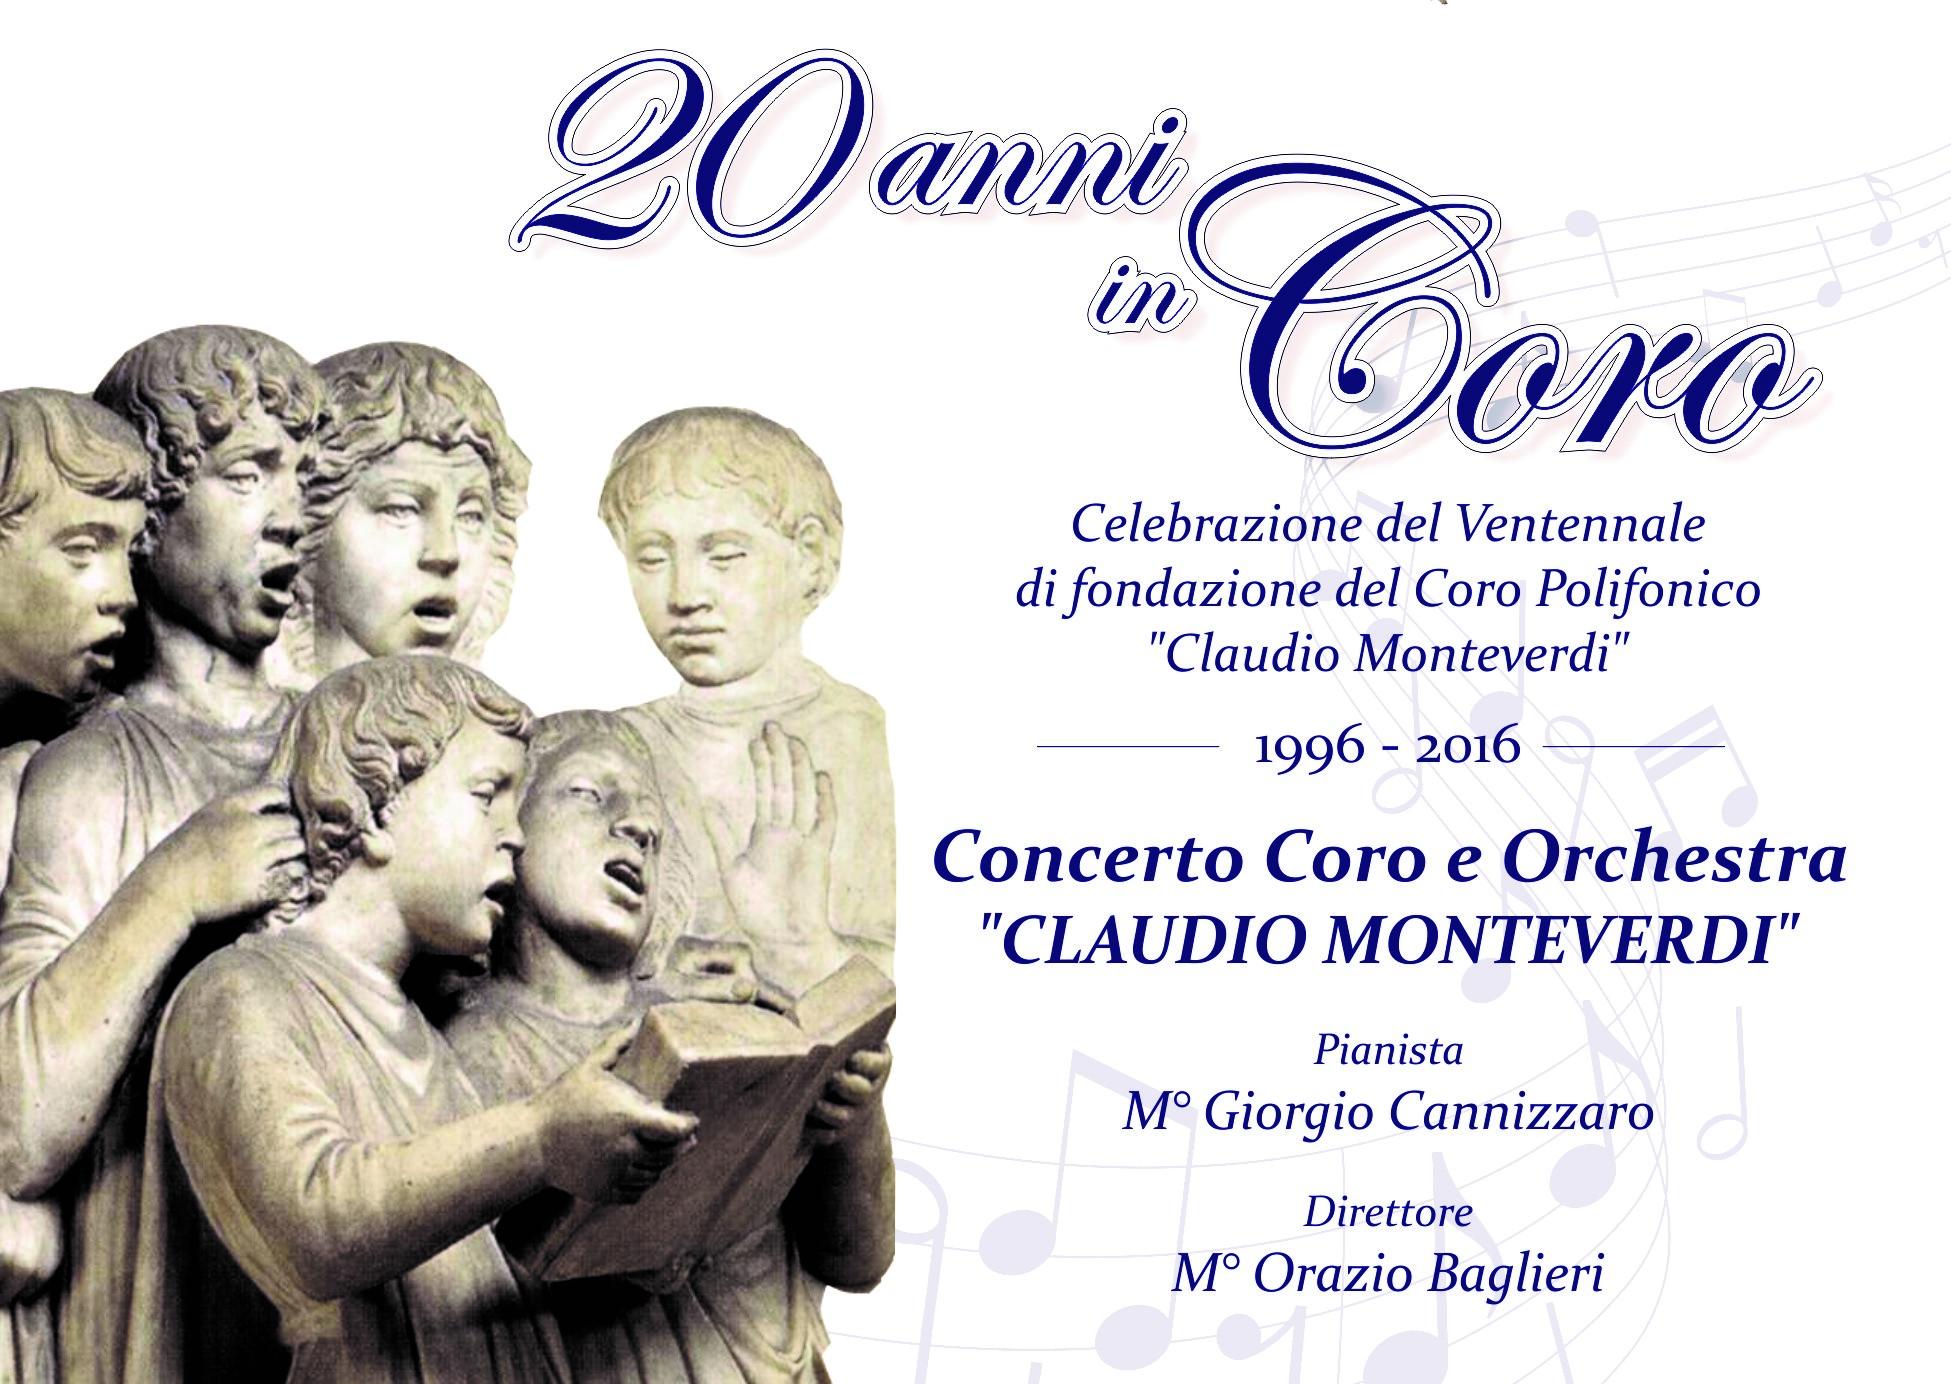 """Modica, si celebrano i 20 anni del """"Coro polifonico Claudio Monteverdi"""""""